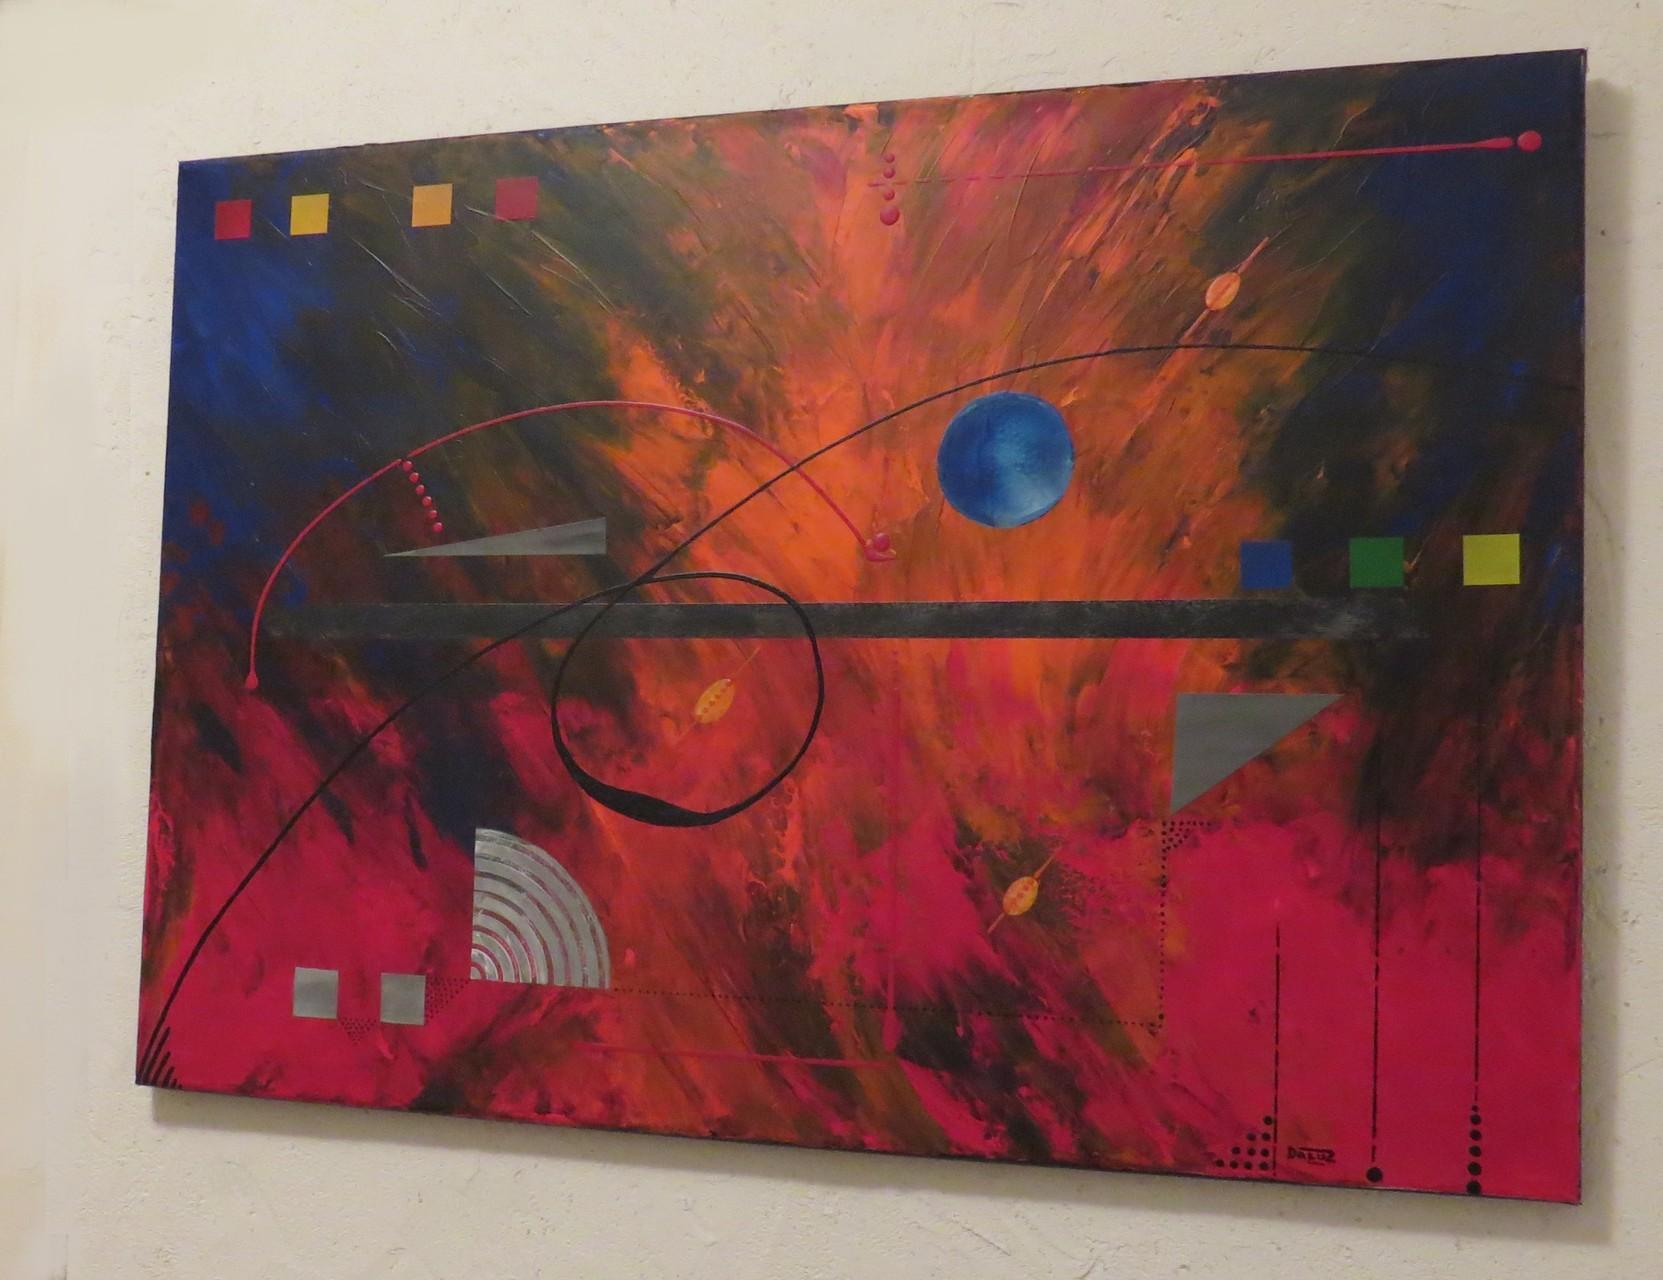 éruption. vue côté2 - daluz galego tableau abstrait abstraction